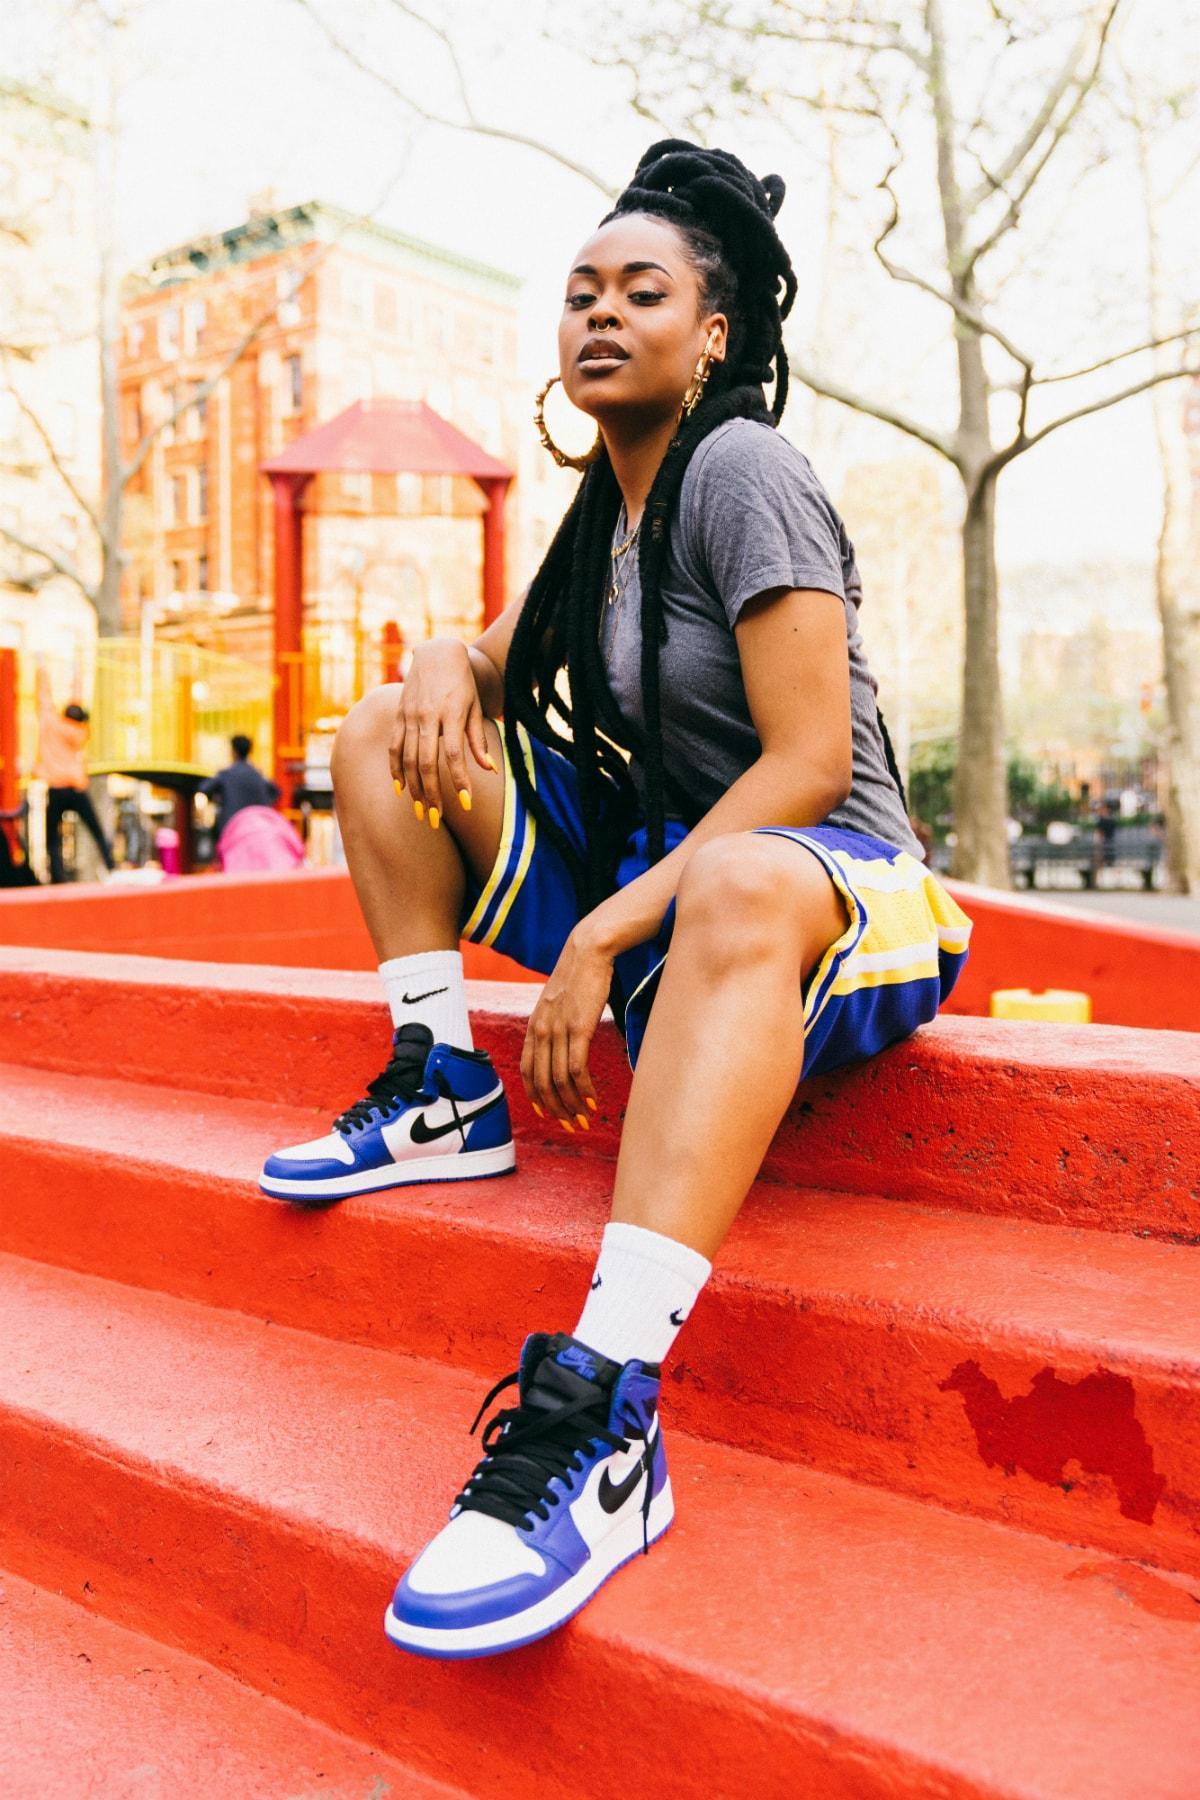 Bri Steves Jealousy Philadelphia Temple University recording singer rapper interview golden state warriors basketball